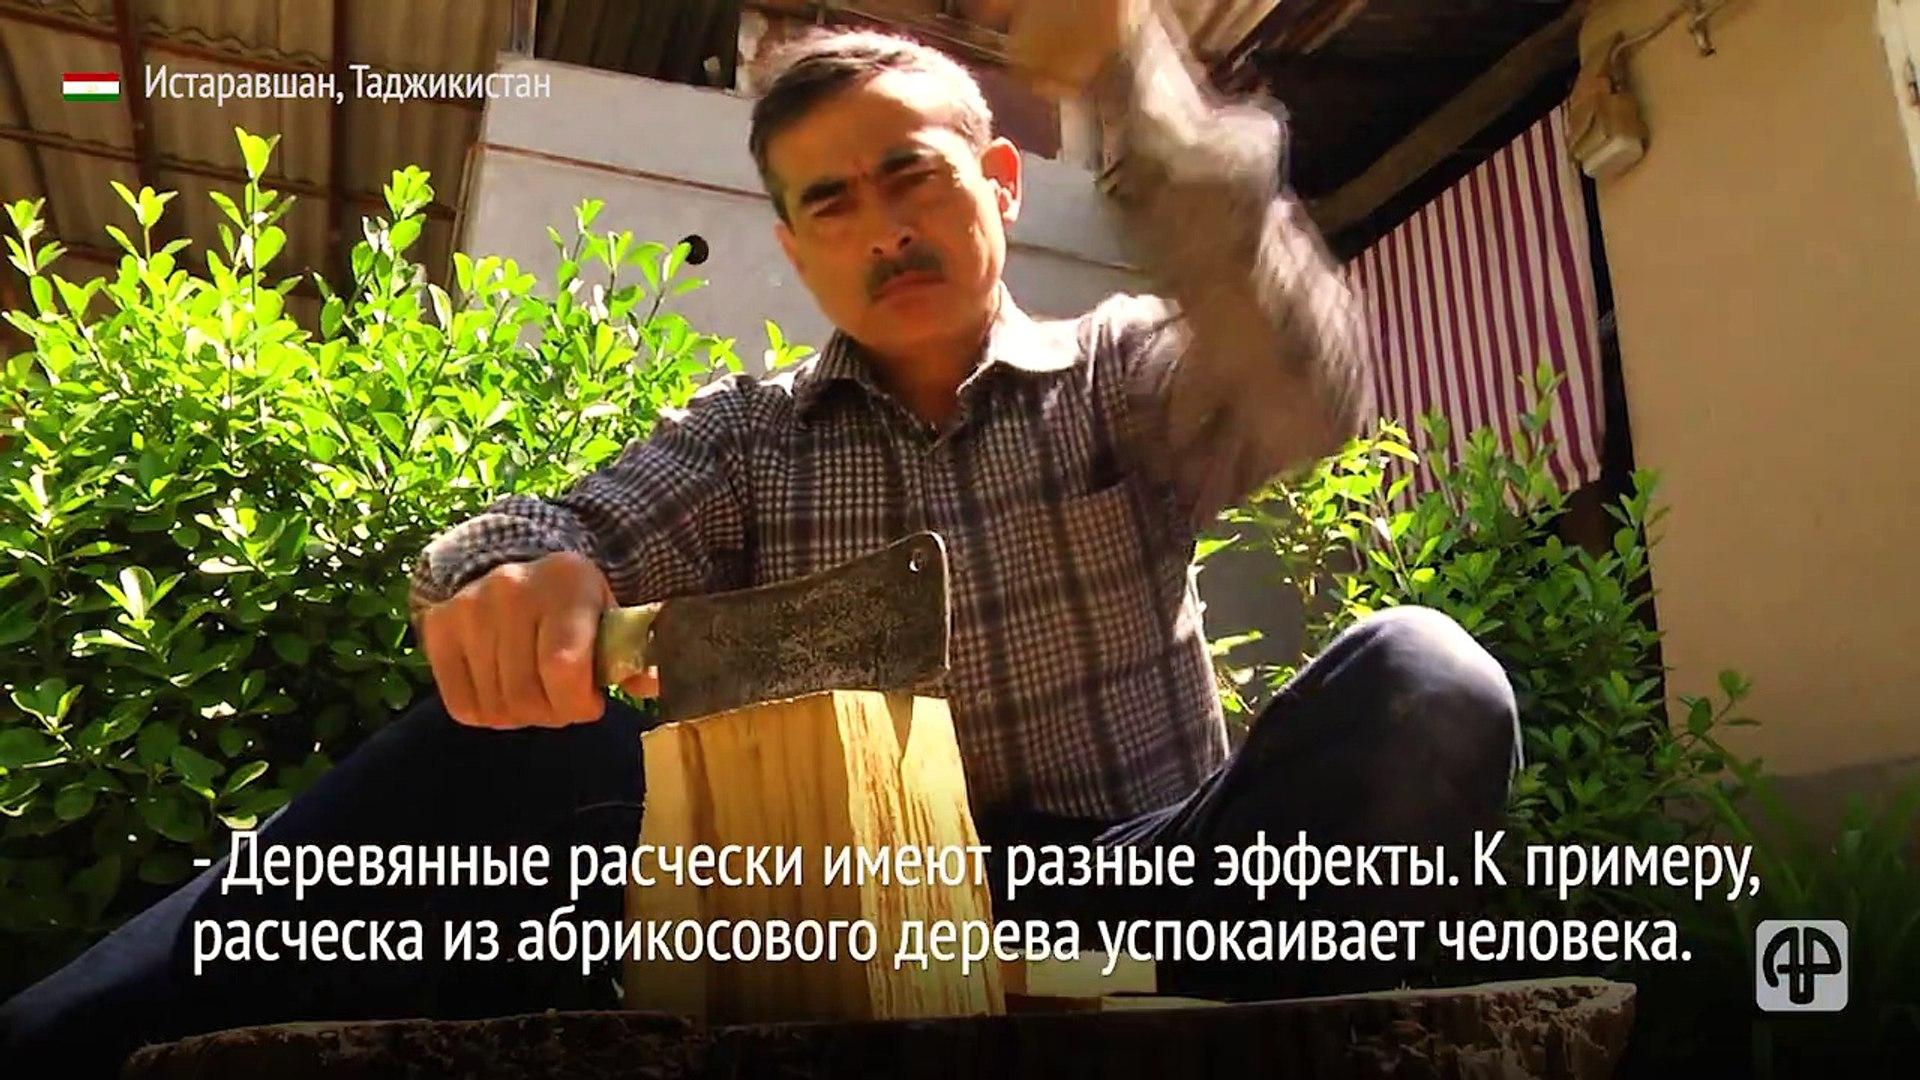 Сегодня о секретах изготовления деревянных расчесок расскажет Содик Зарипов из Истаравшана. Занимается он этим делом сам уже 30 лет, а если посчитать, сколько в